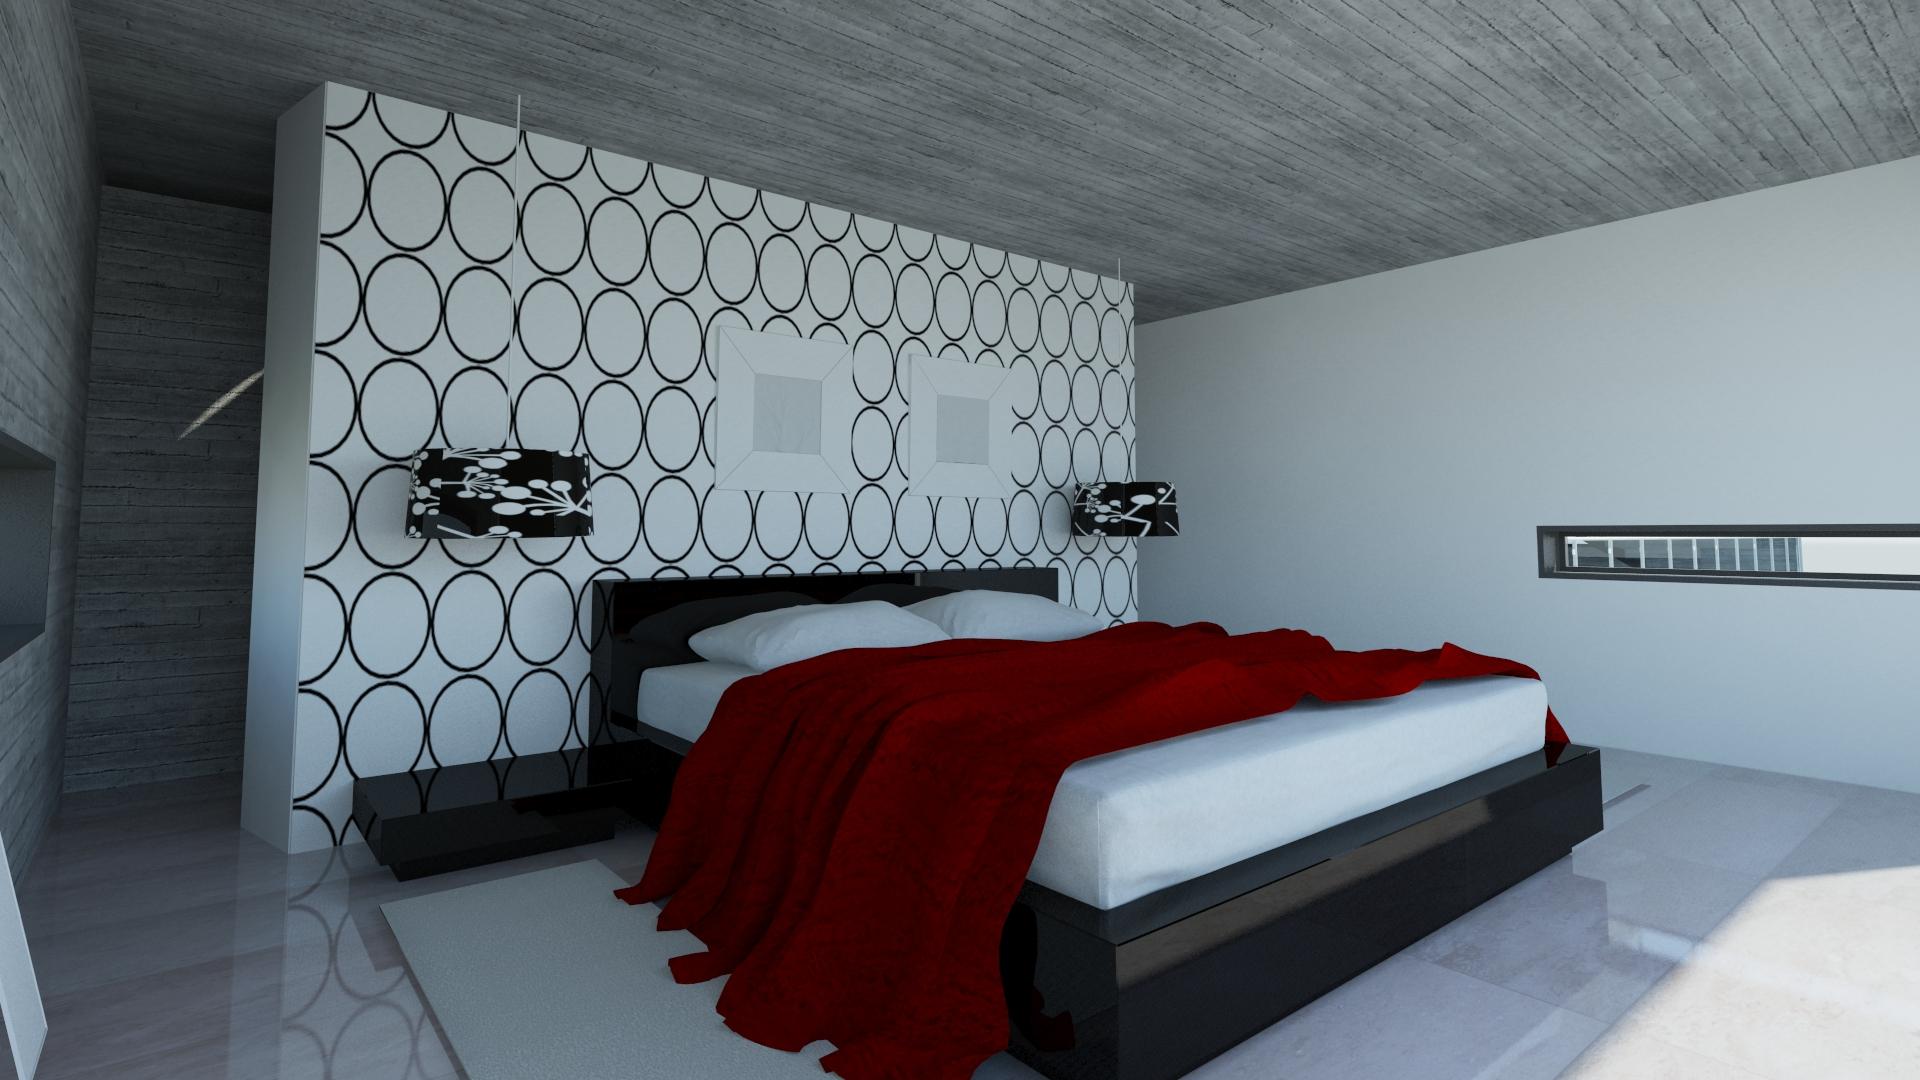 3dmax revit arquitectura by claudio vasquez at for Arquitectura interior